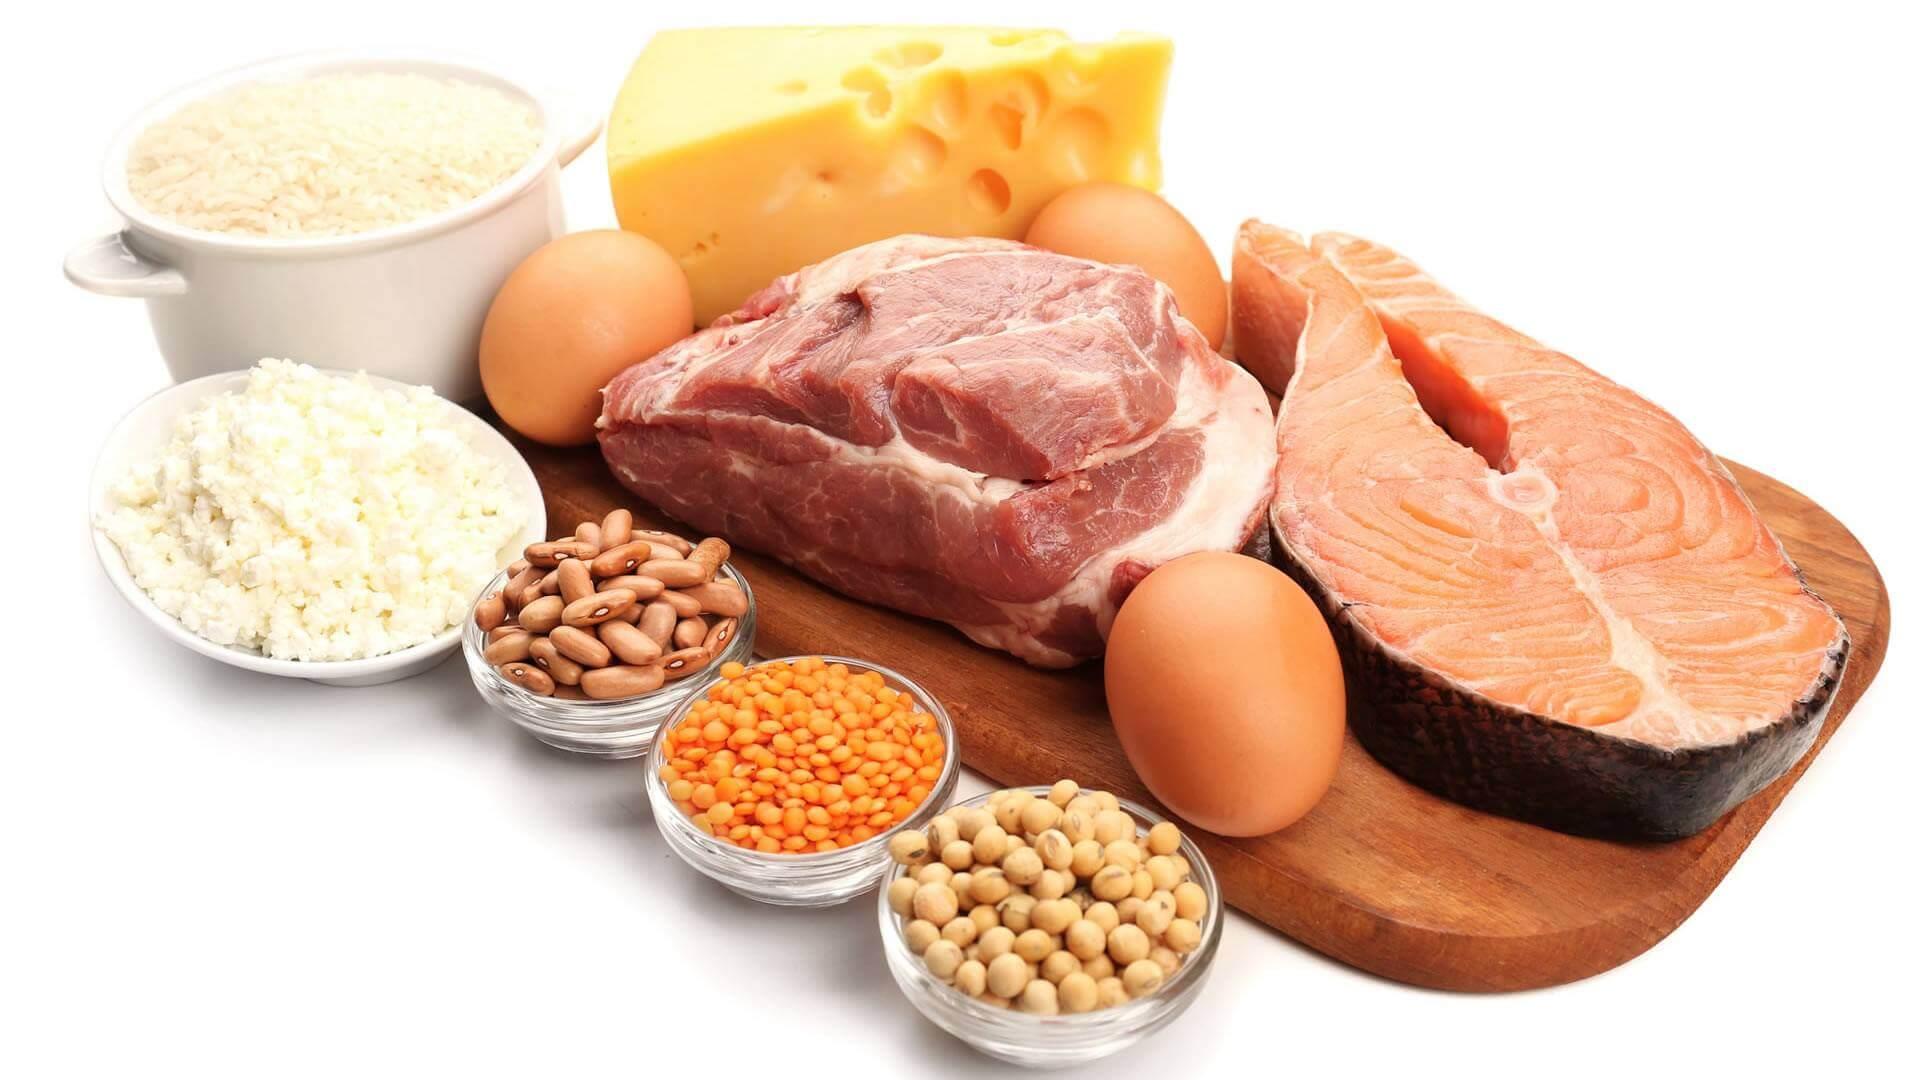 диета из белковых продуктов